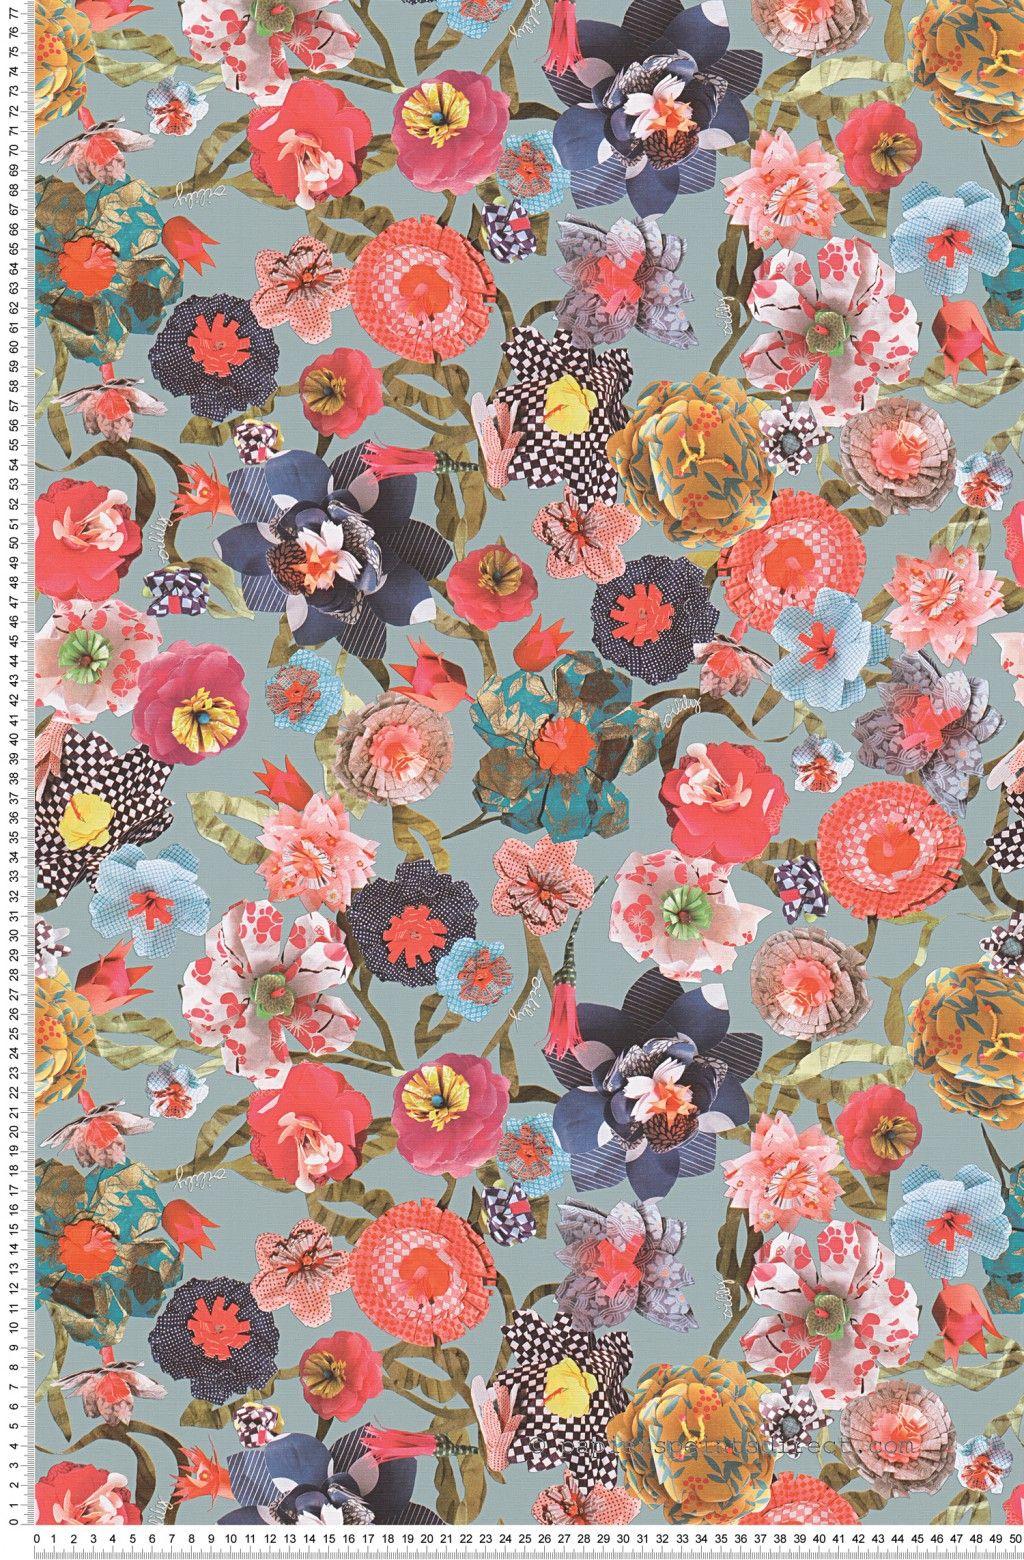 papier peint fleurs d copath multicolore papier peint oilily home papier d co int rieure. Black Bedroom Furniture Sets. Home Design Ideas